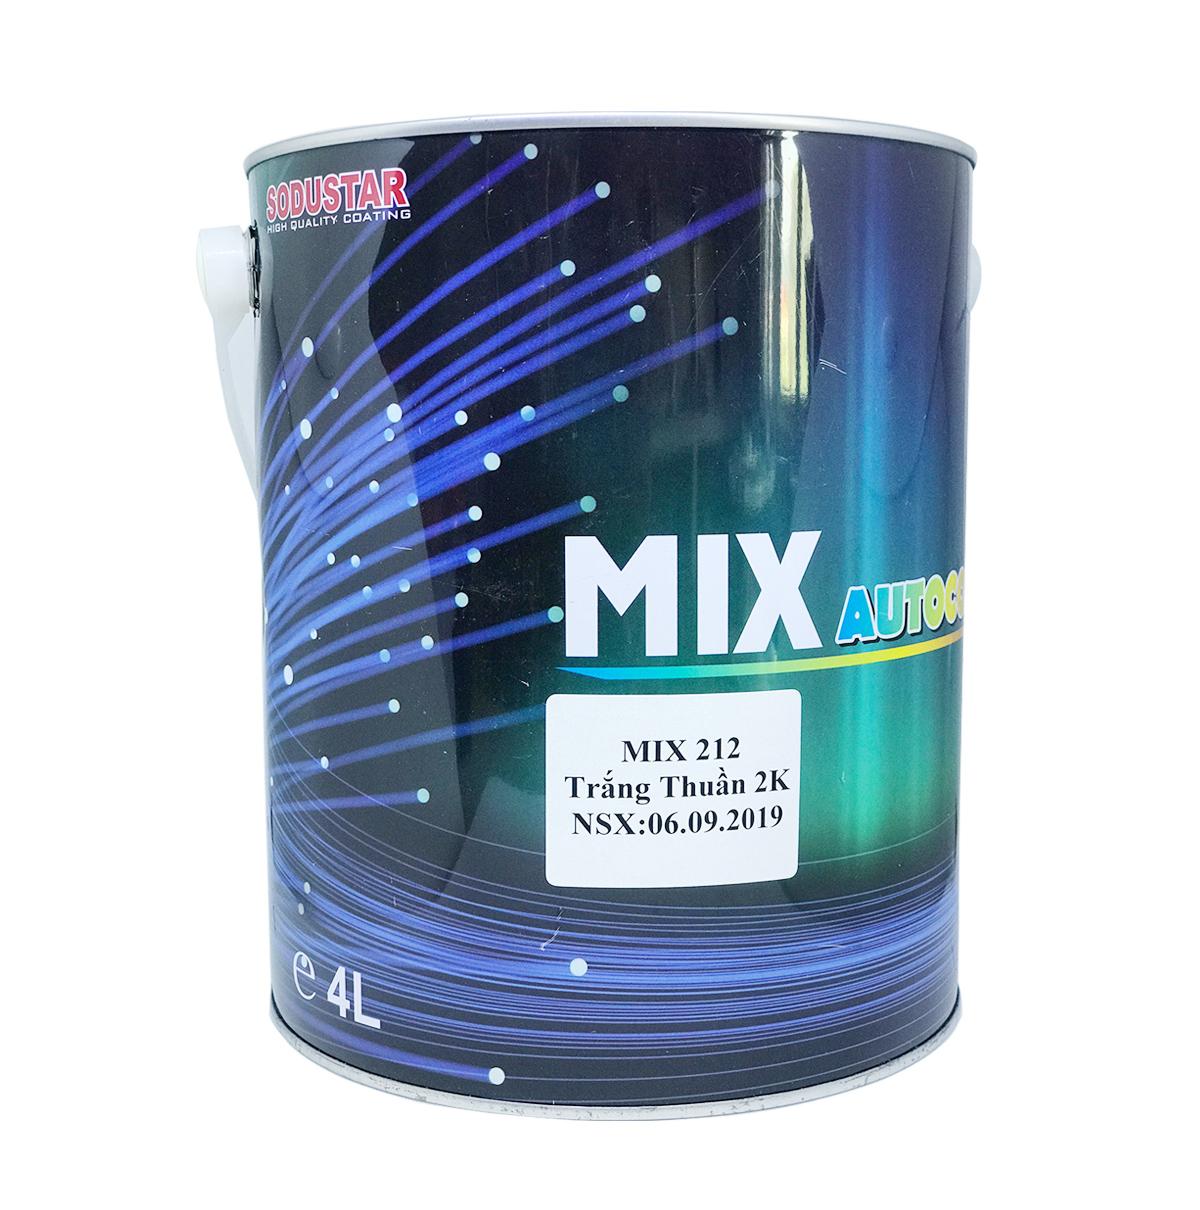 Dòng sơn màu 2 thành phần (2K) - MIX 2xx